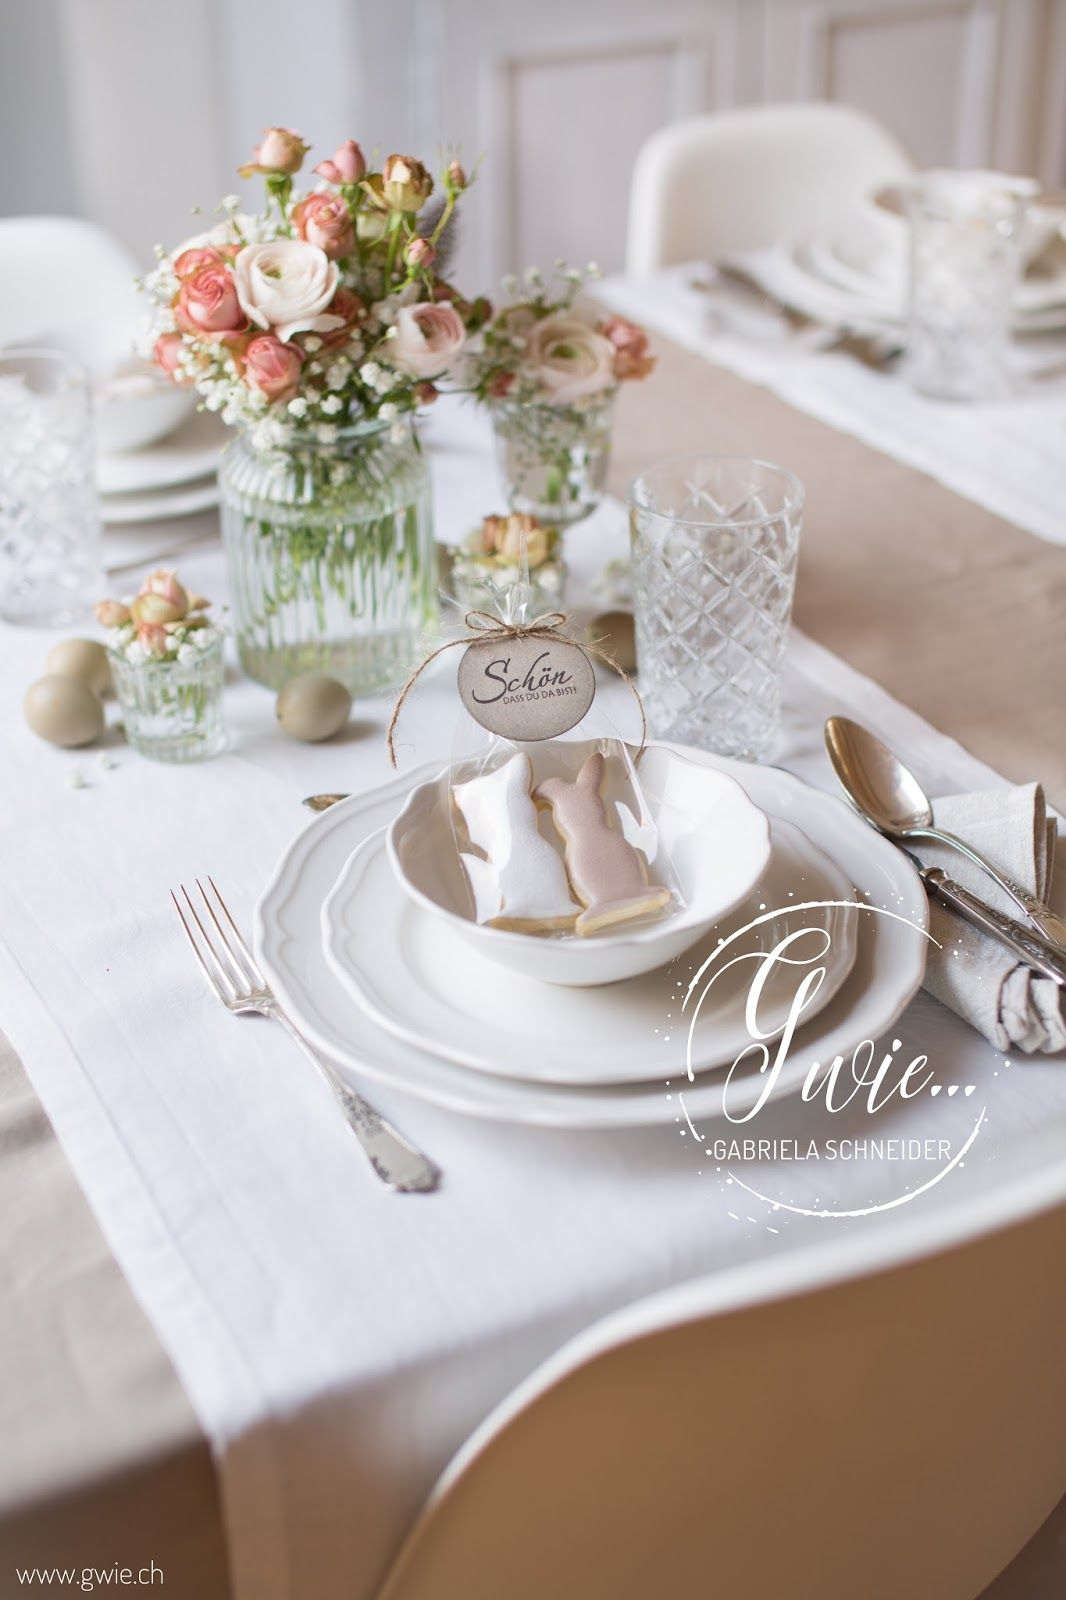 tisch gedeckt tischdeko tisch eindecken ostern zaubercake cake mit osterhase ikea. Black Bedroom Furniture Sets. Home Design Ideas